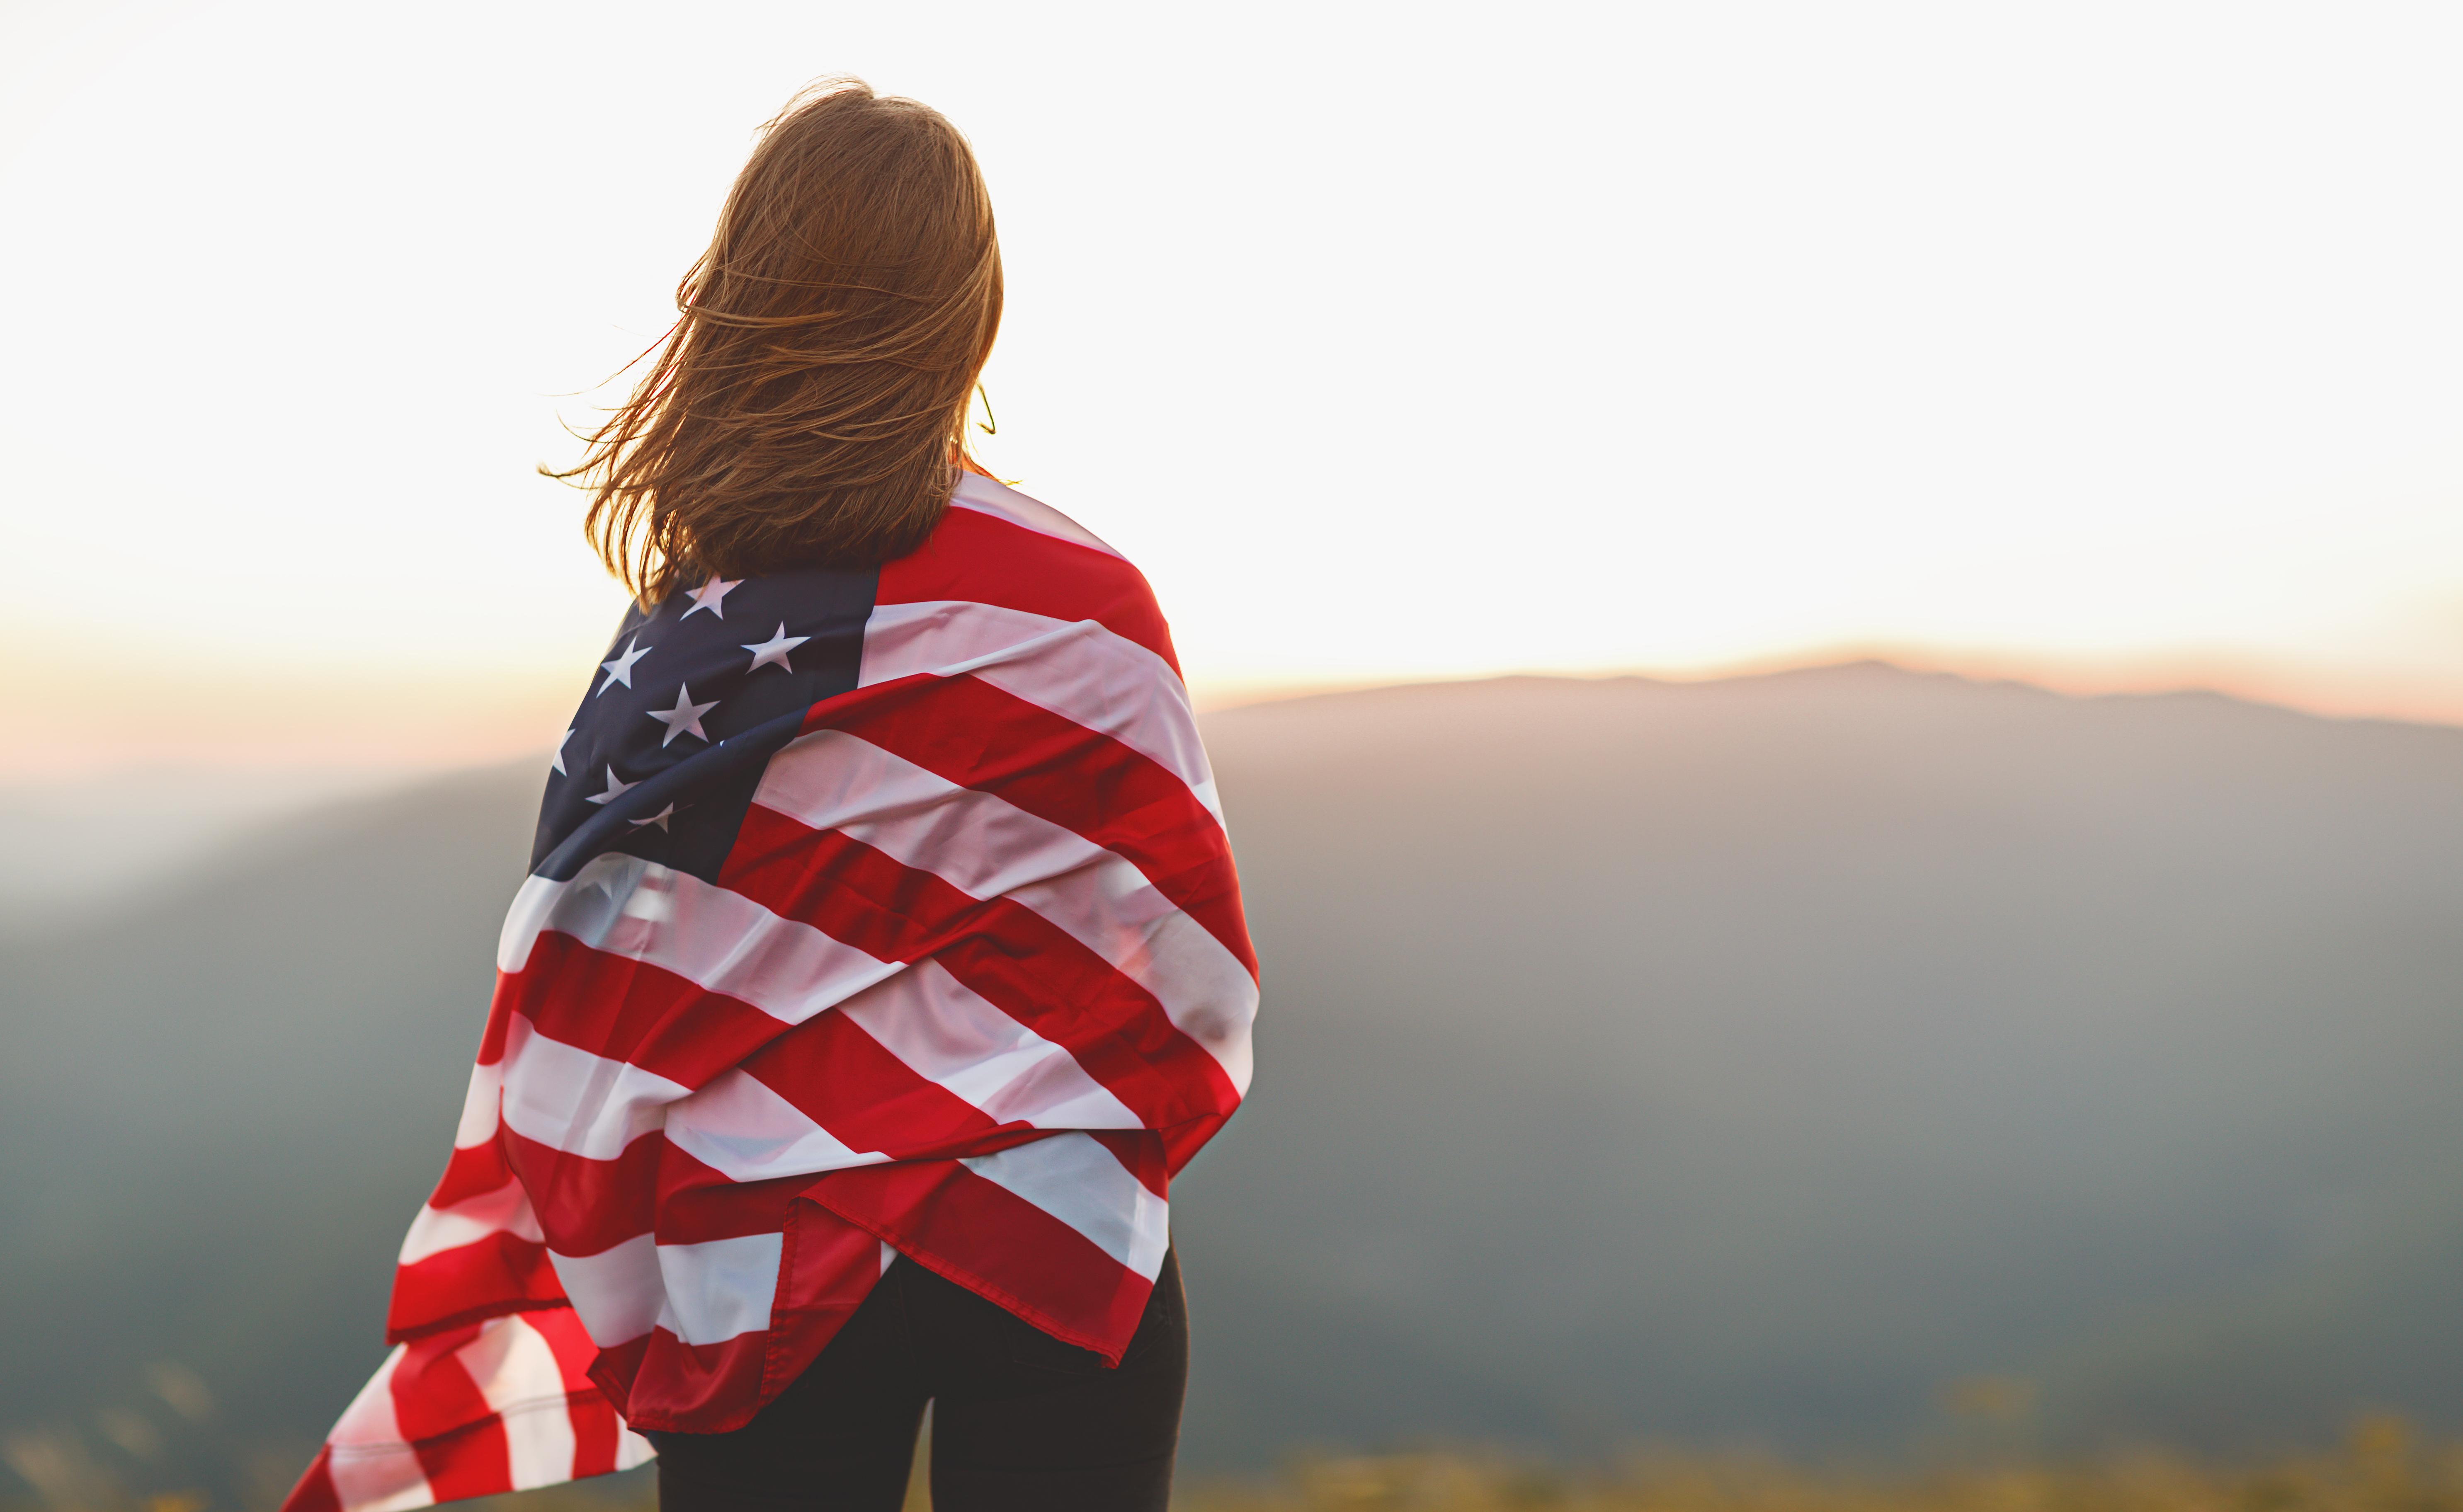 הוצאת אזרחות אמריקאית